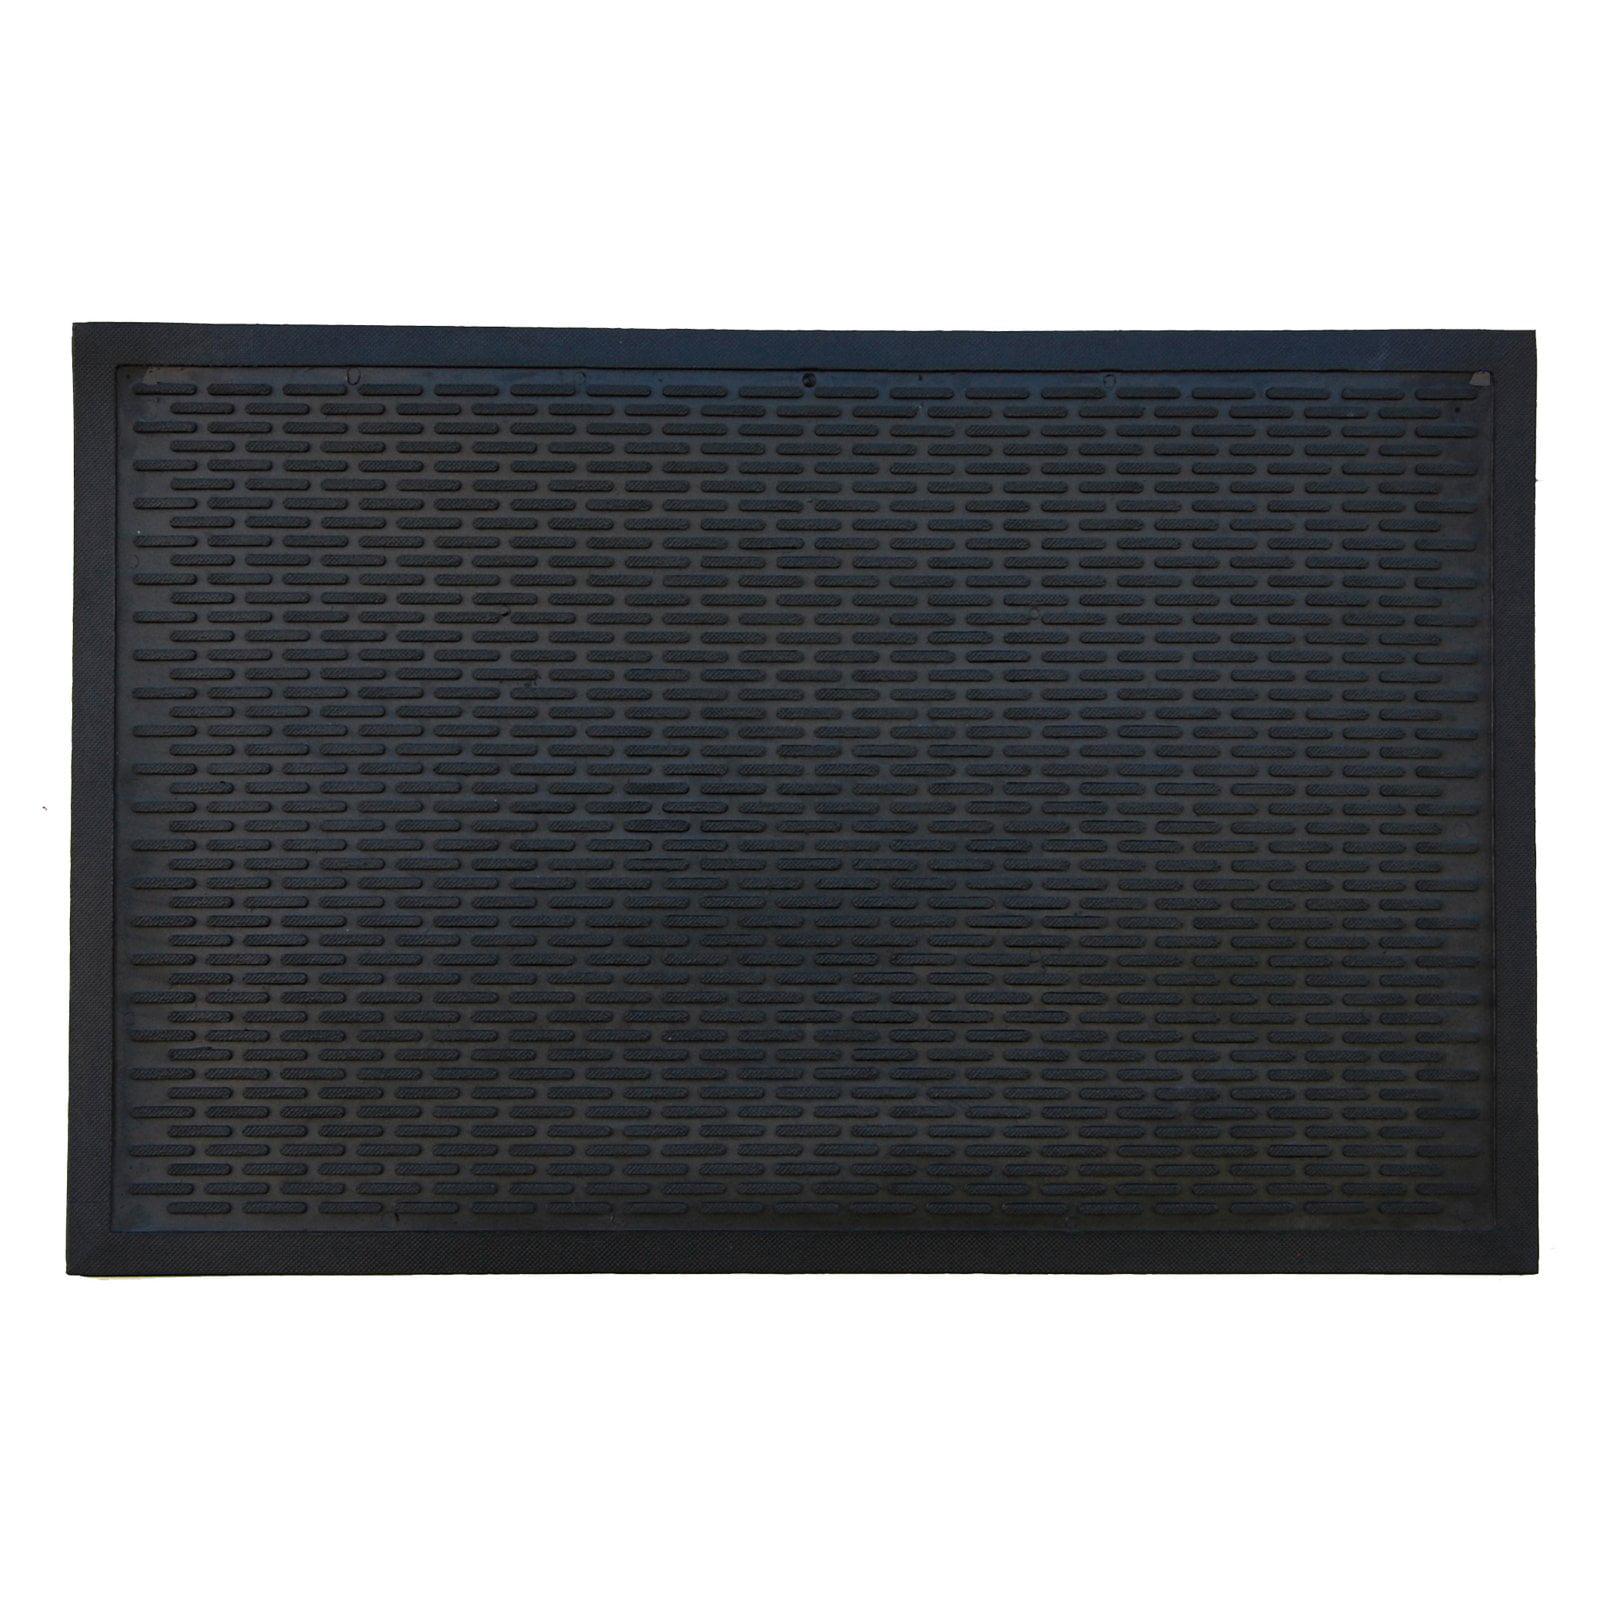 Home & More Rubber Ridge Scraper Doormat by Supplier Generic